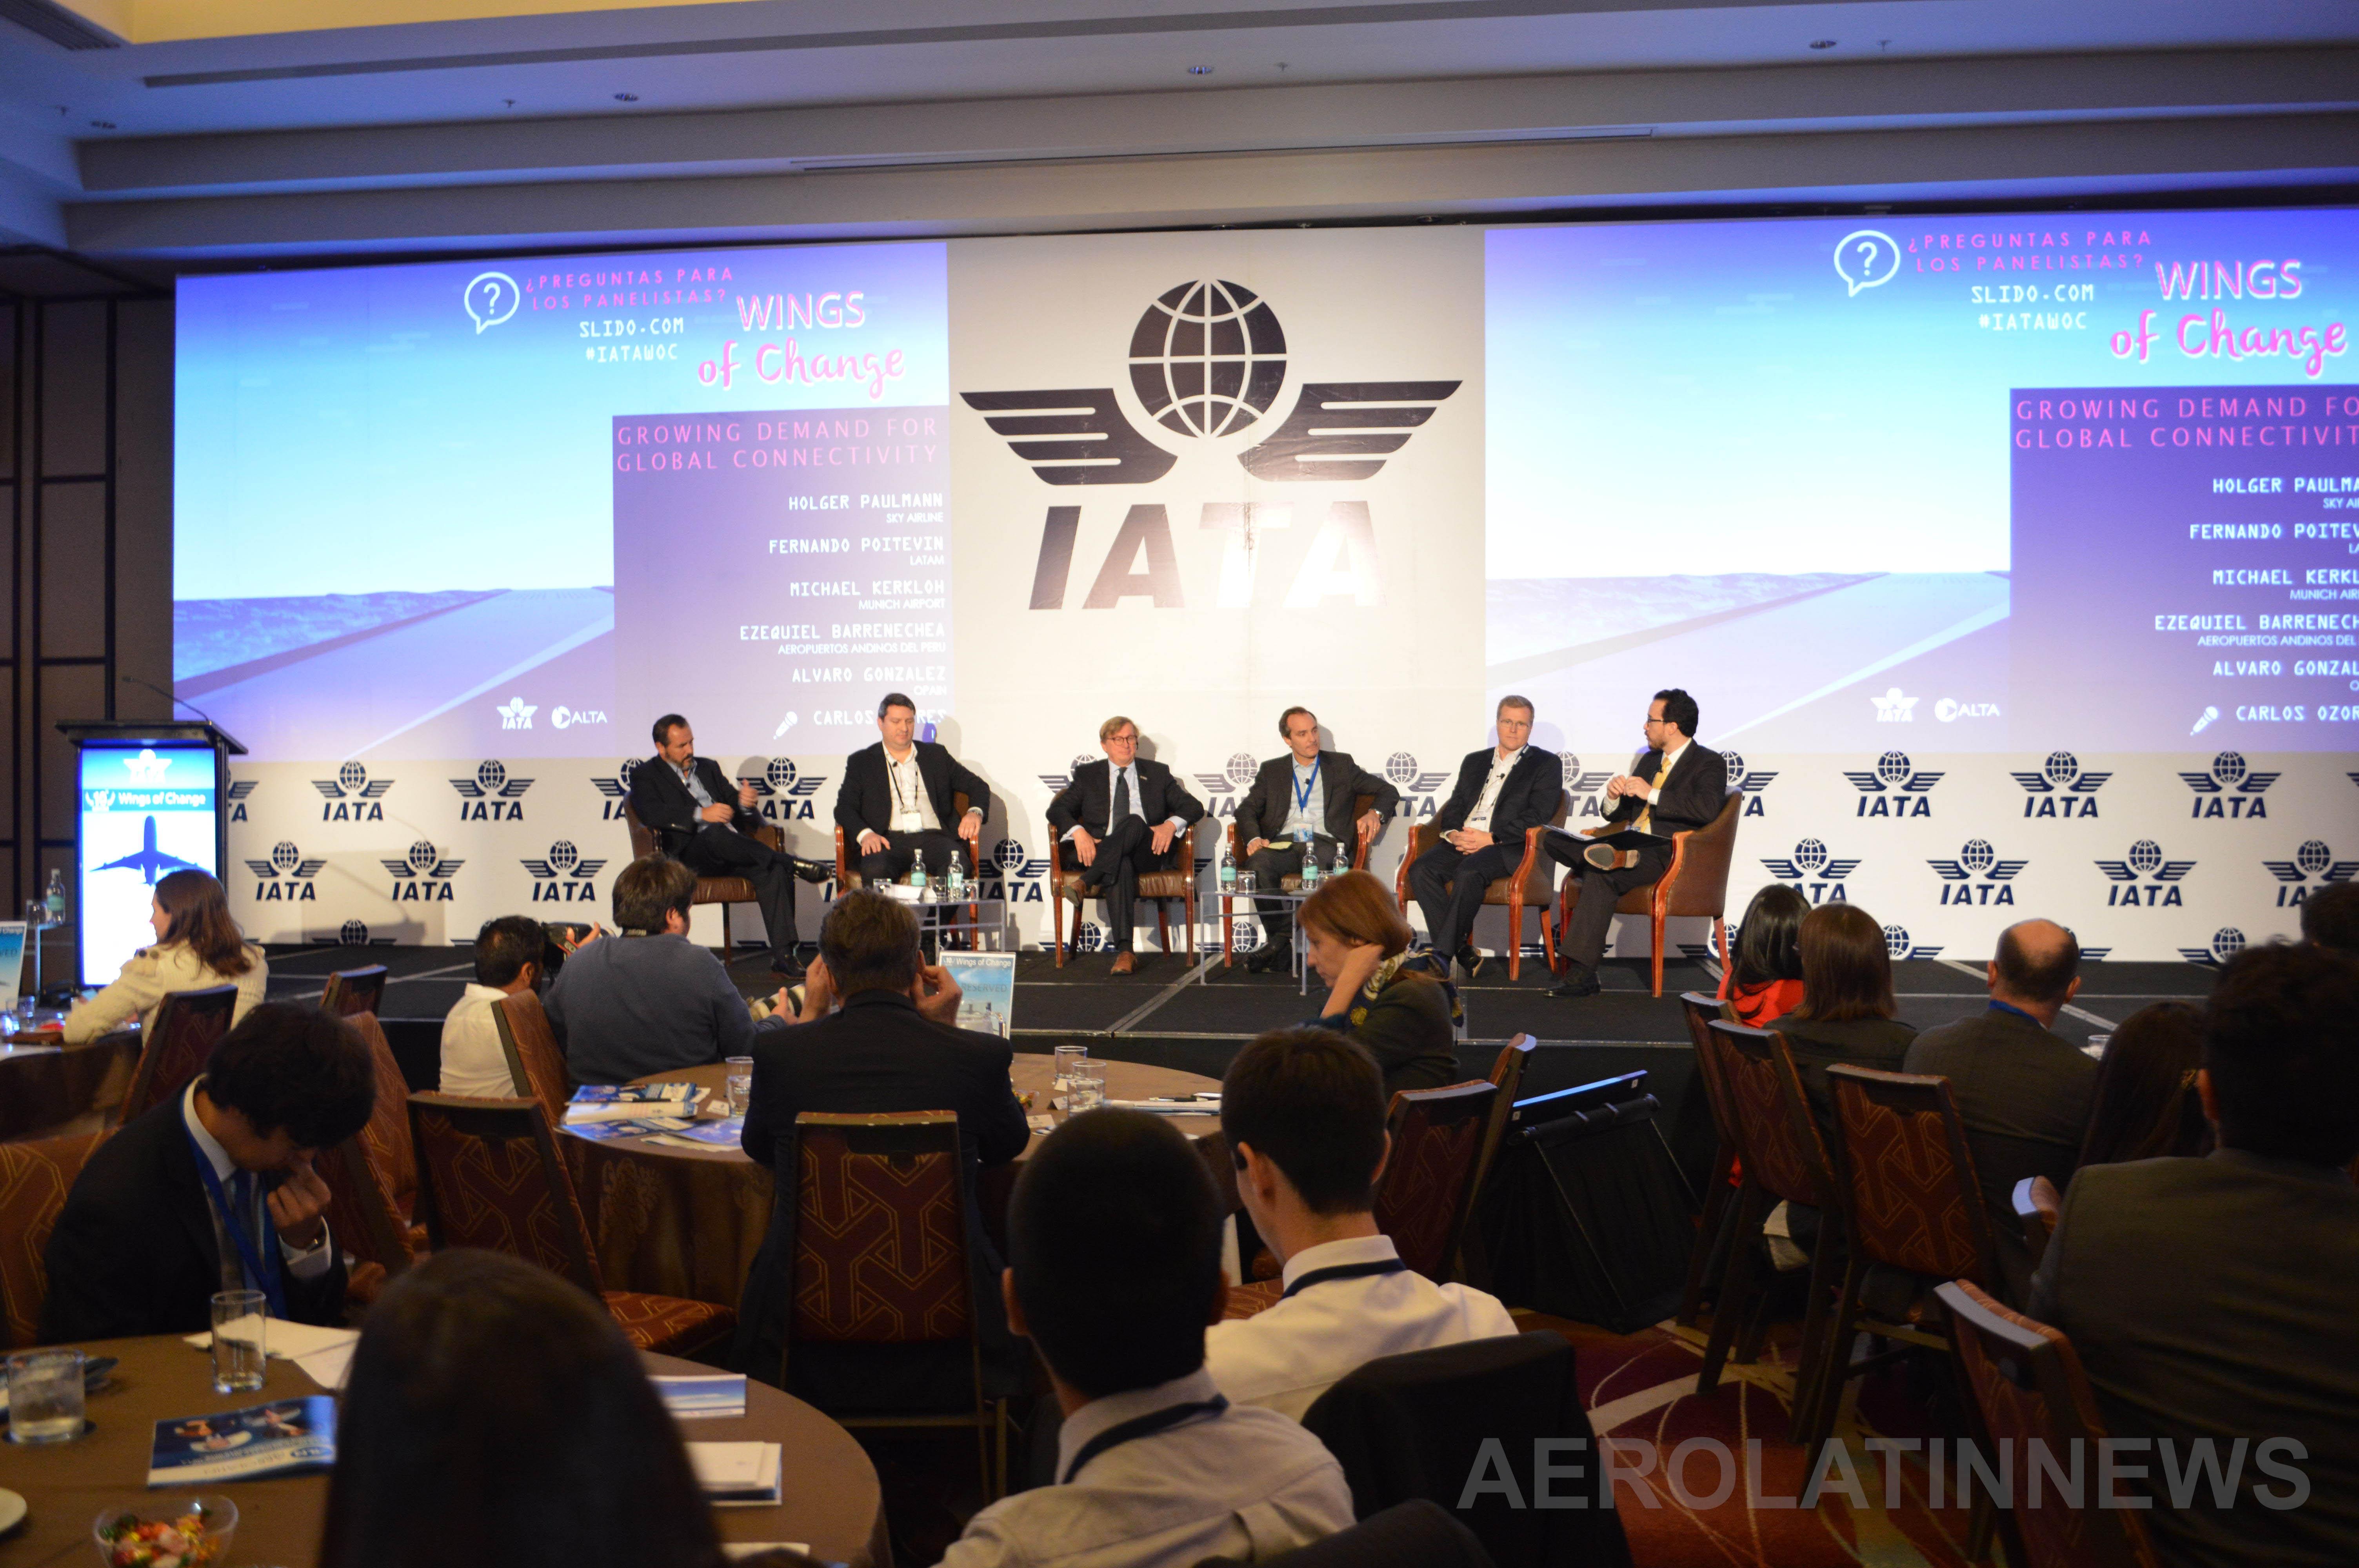 Infraestructura, tasas, proteccionismo, apoyo gubernamental y tecnología: Principales temas en 1er día de Wings of Change (GALERÍA)